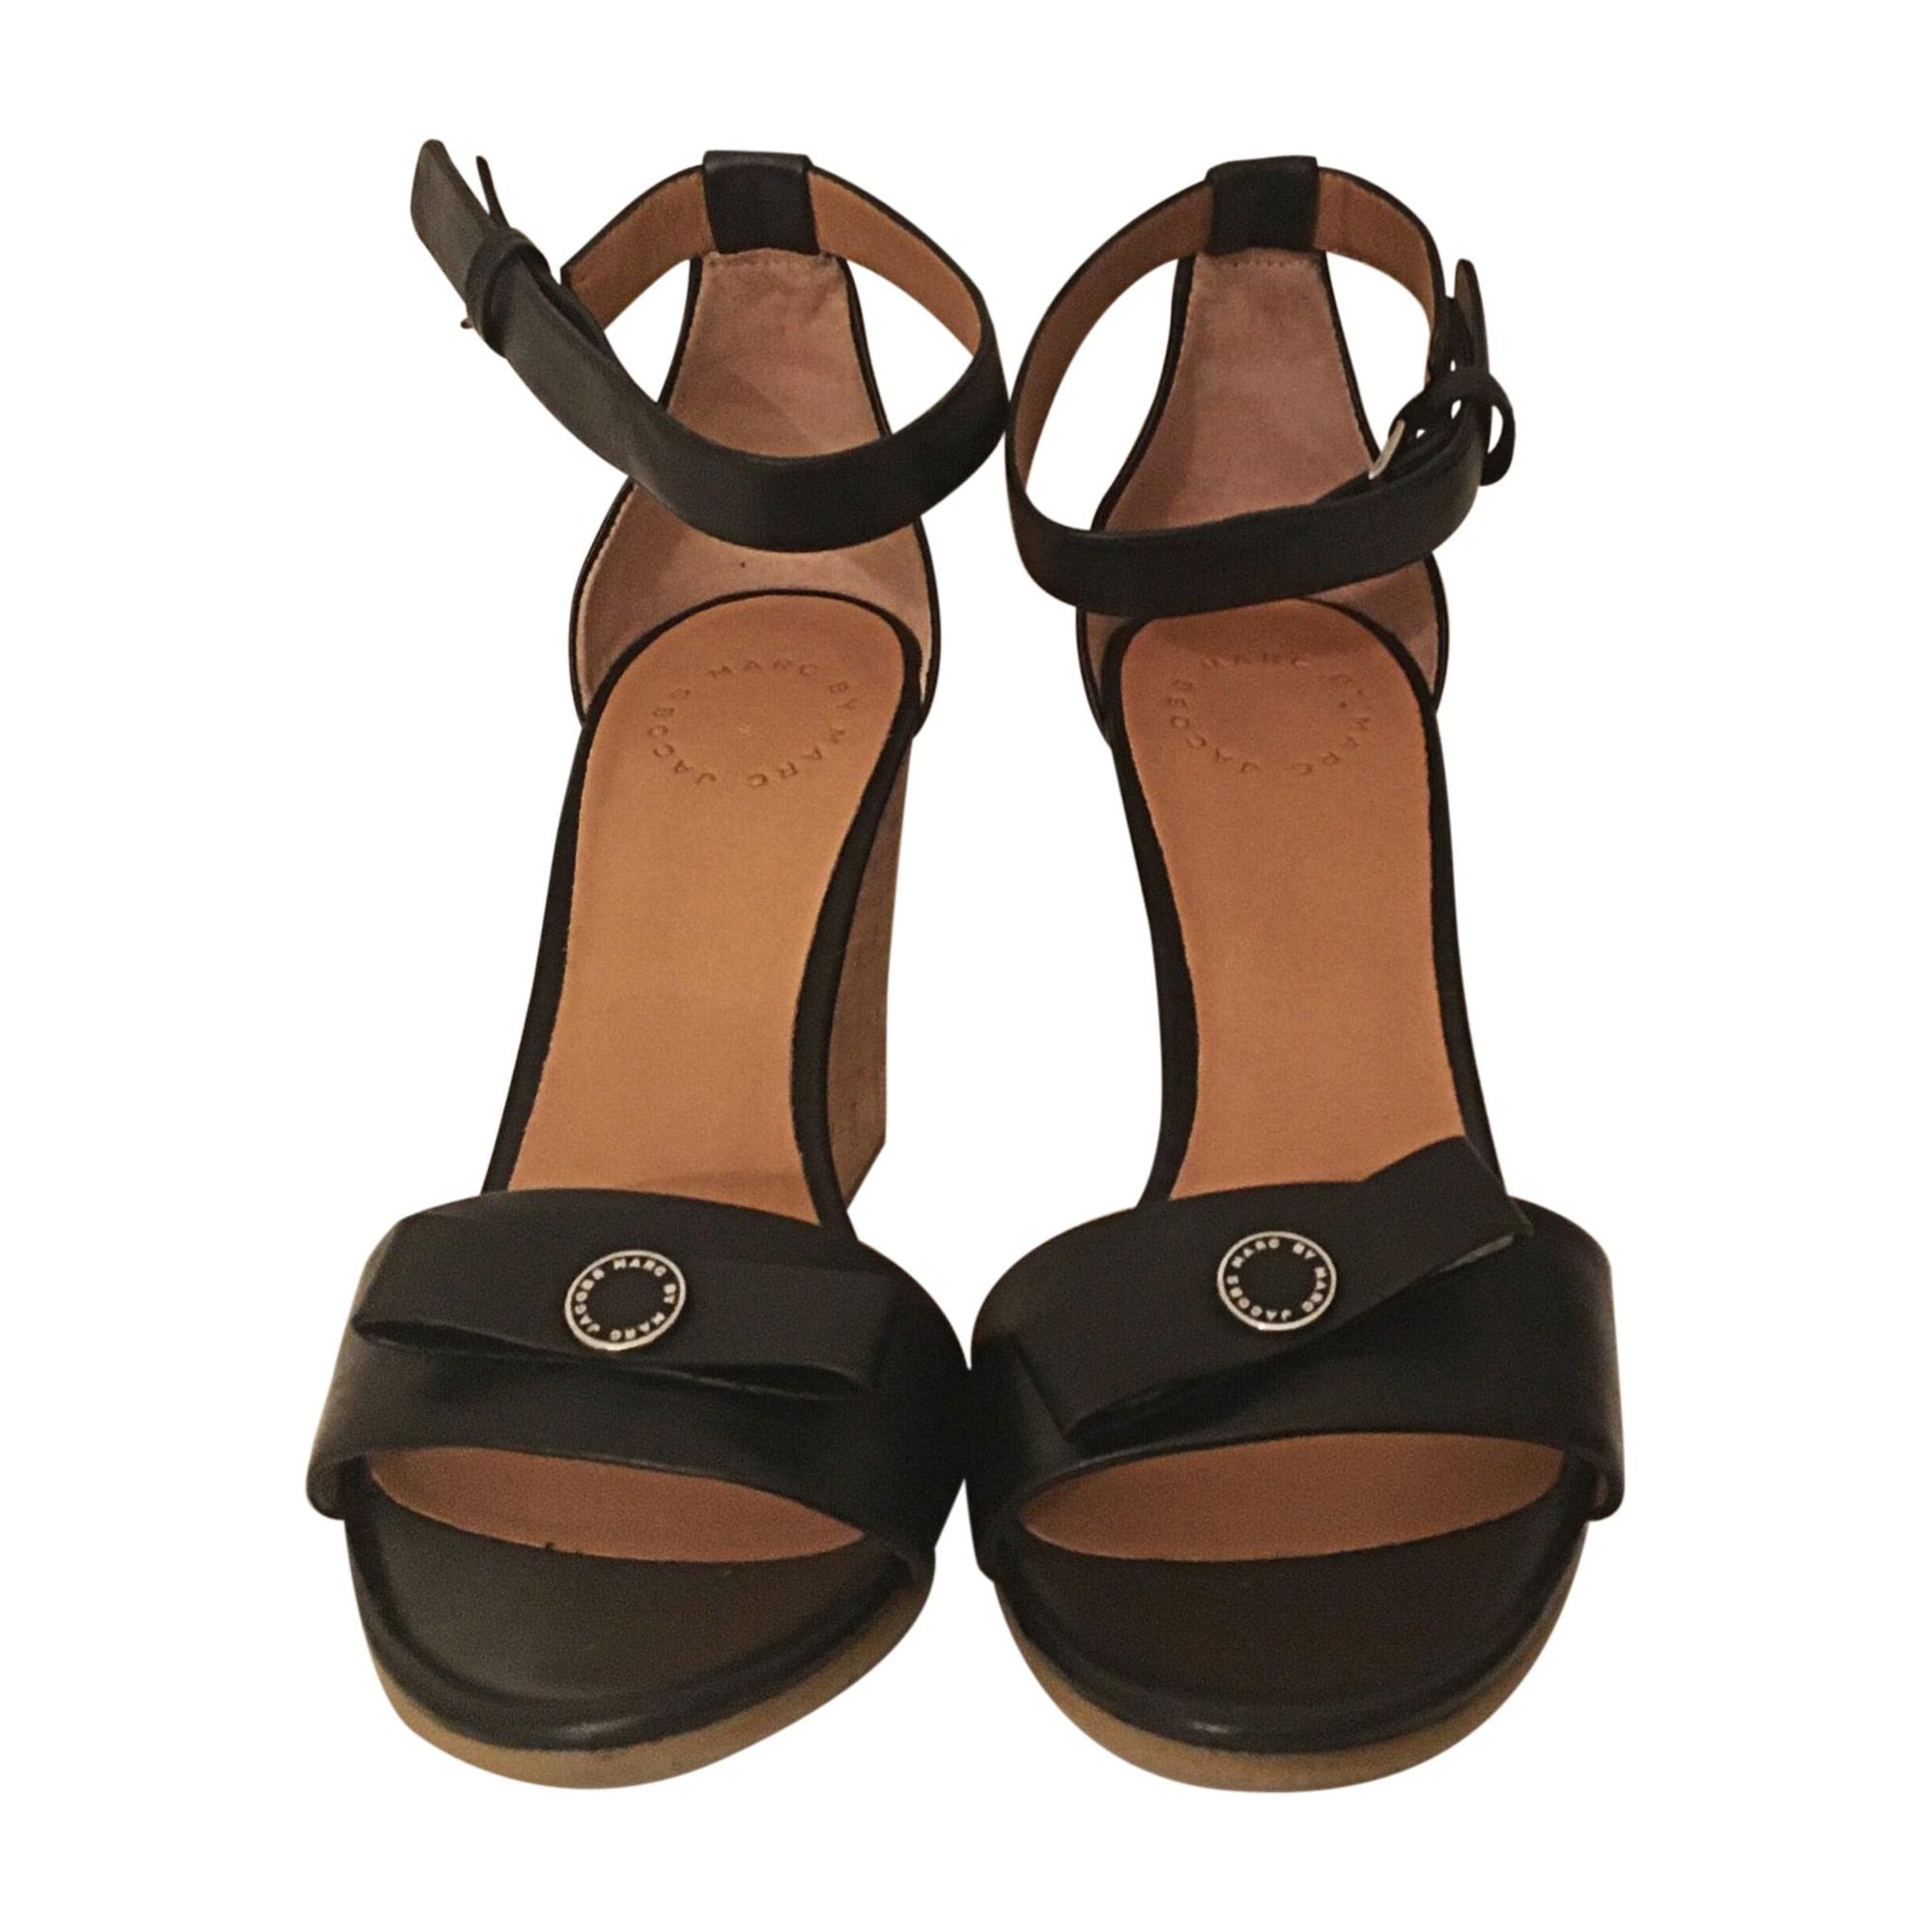 Sandales compensées MARC JACOBS Noir e6f53000f9a